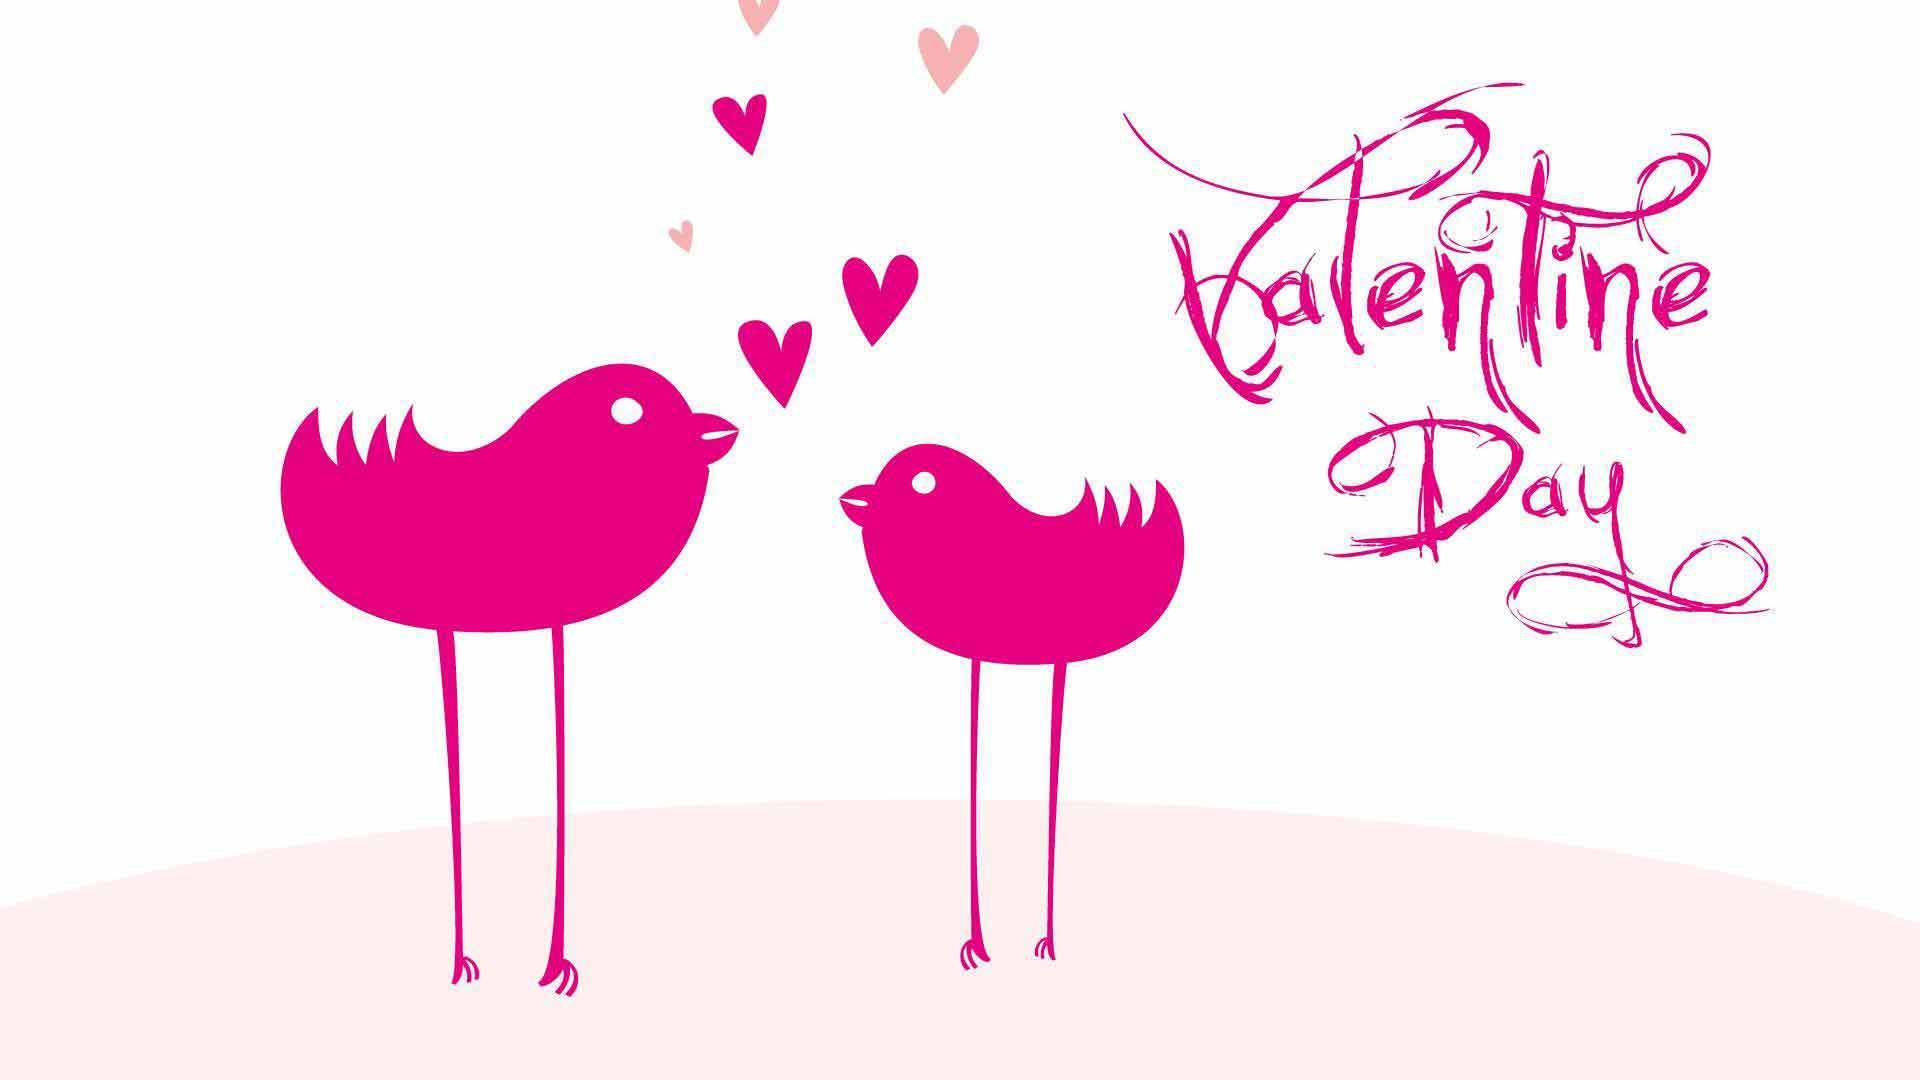 Valentine's Day High Definition